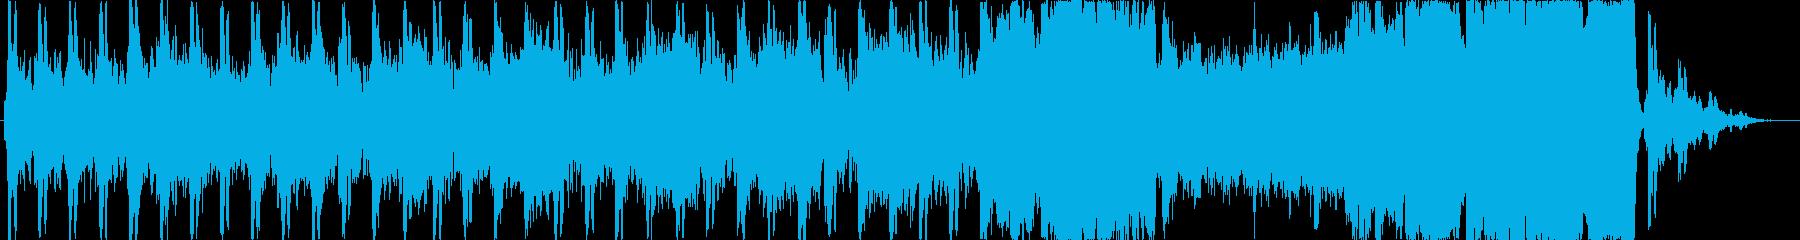 力強い打楽器が特徴 壮大なエピックBGMの再生済みの波形